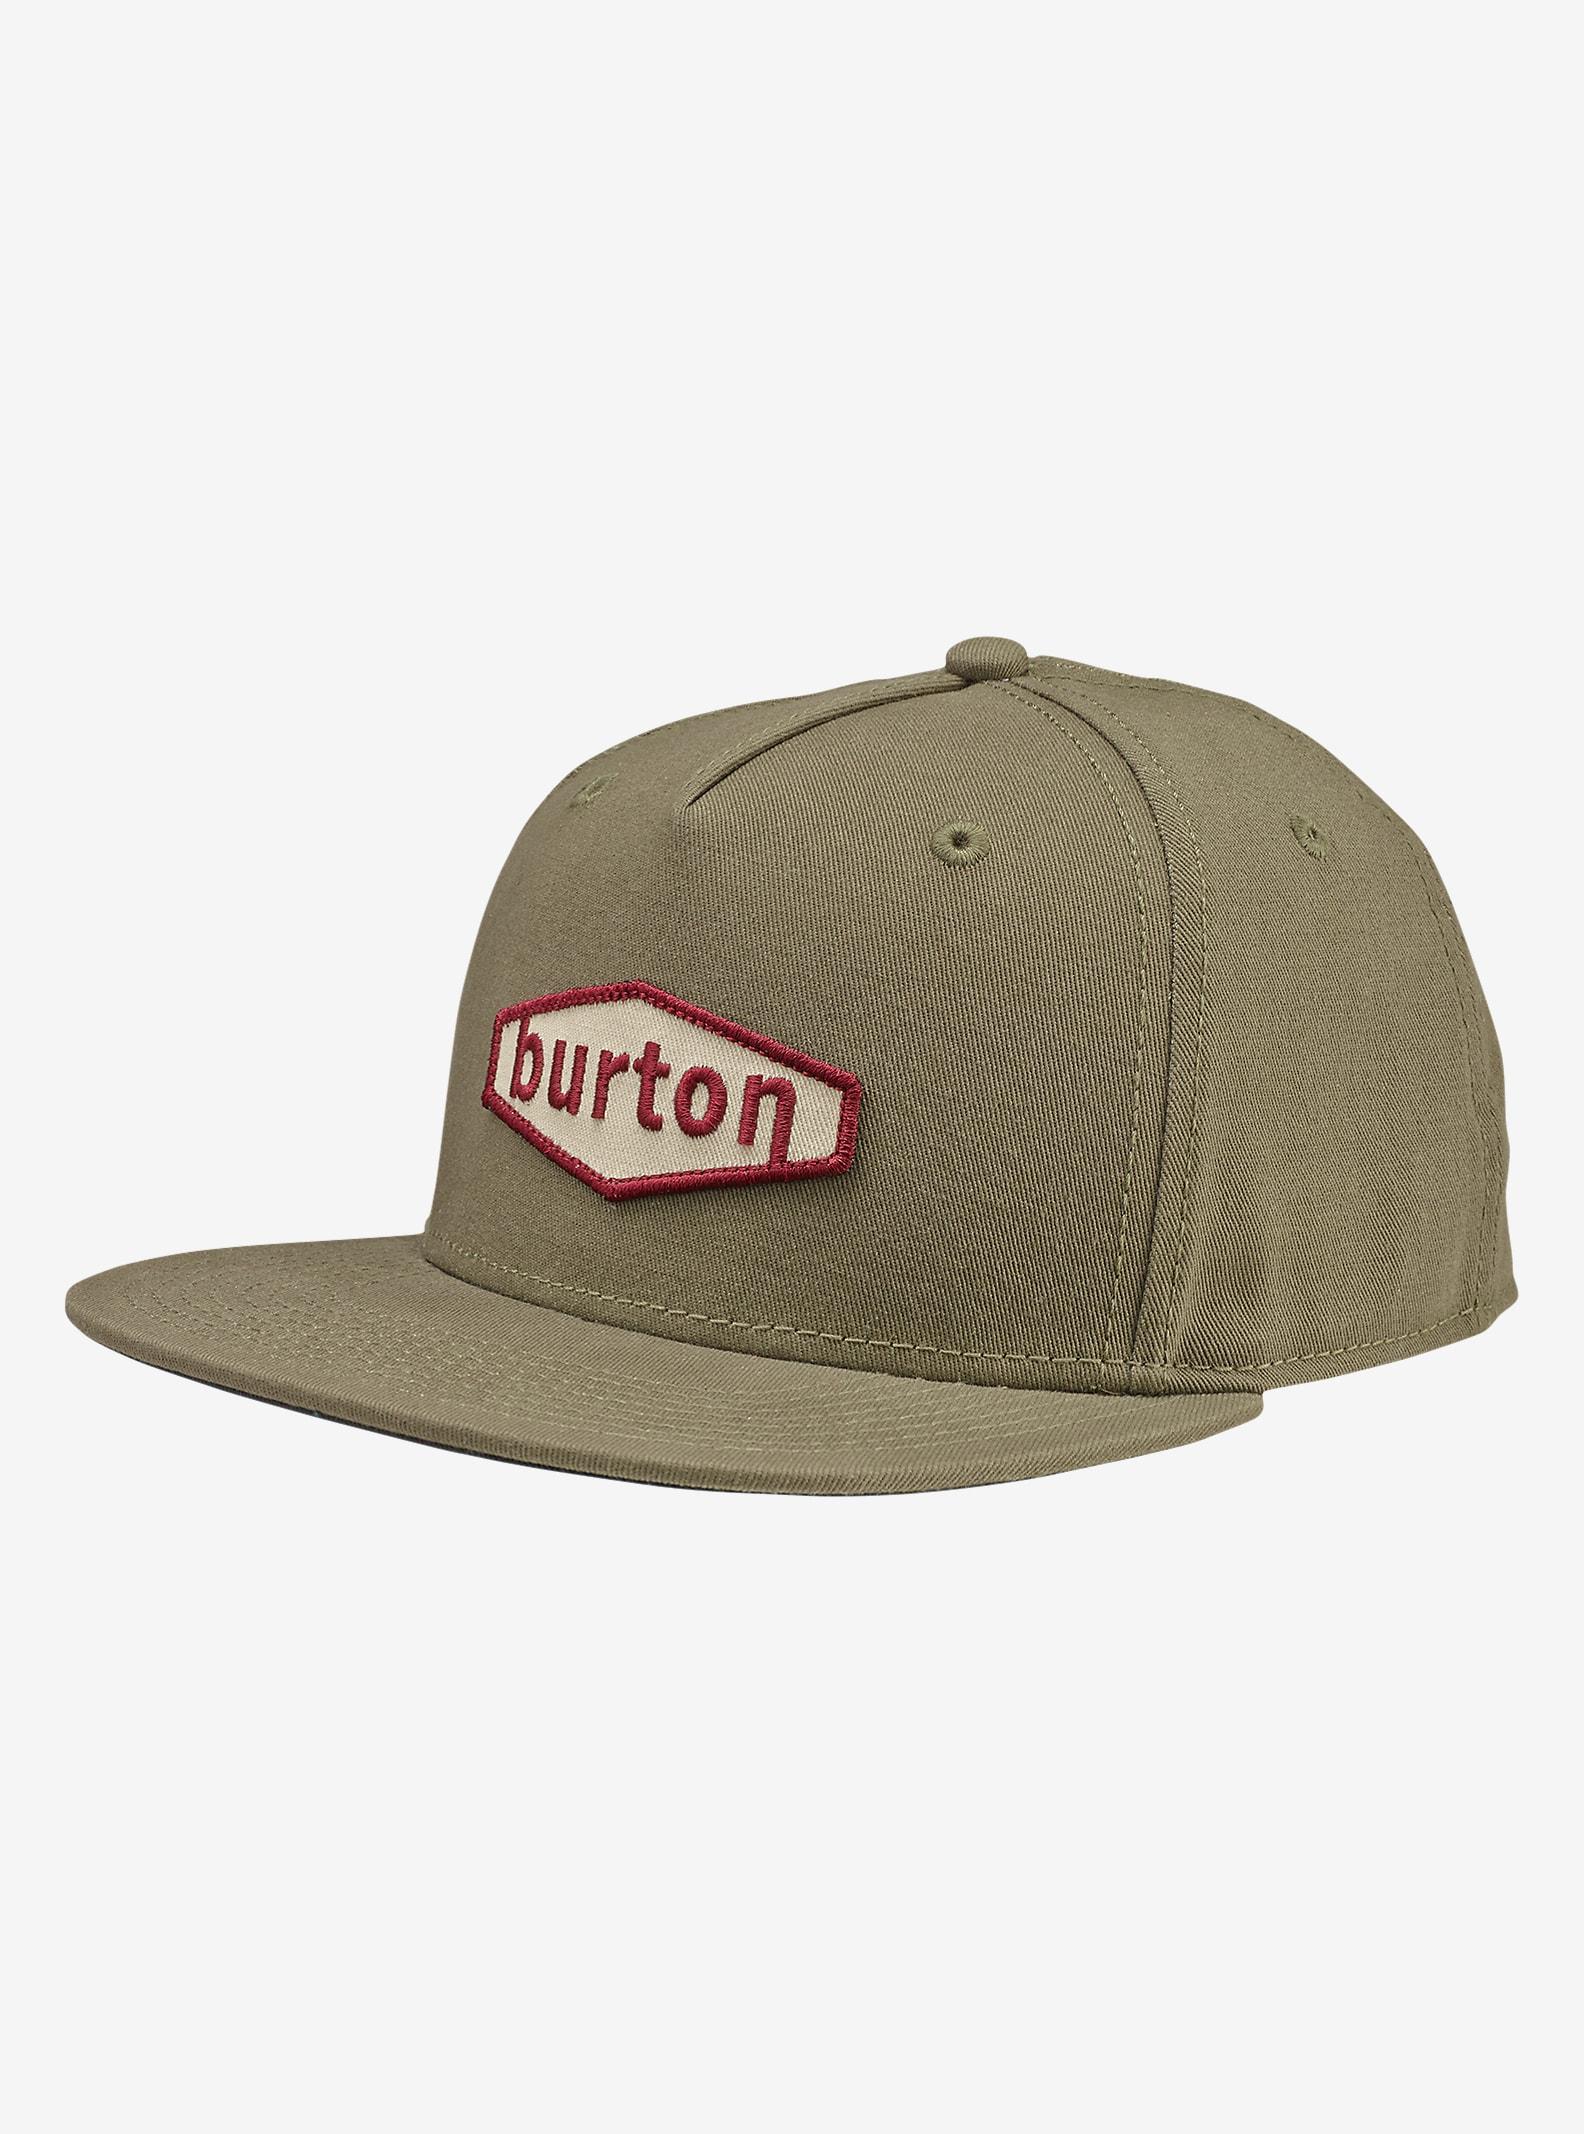 Burton Hardgoods Hat shown in Keef